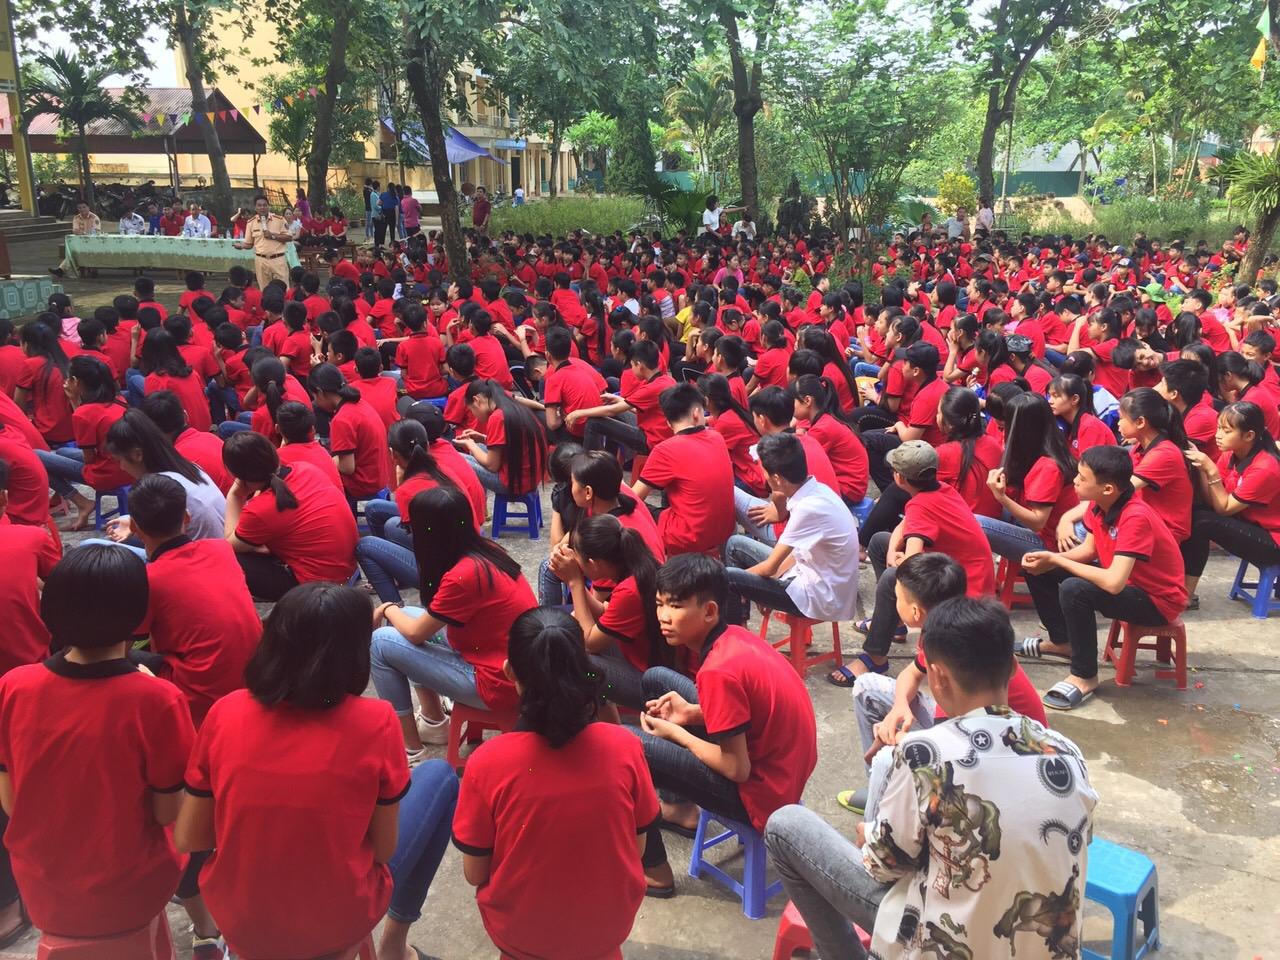 Hòa Bình: Đội Cảnh Sát Đường Thủy tăng cường công tác tuyên truyền phòng, chống đuối nước cho trẻ em. - Ảnh 1